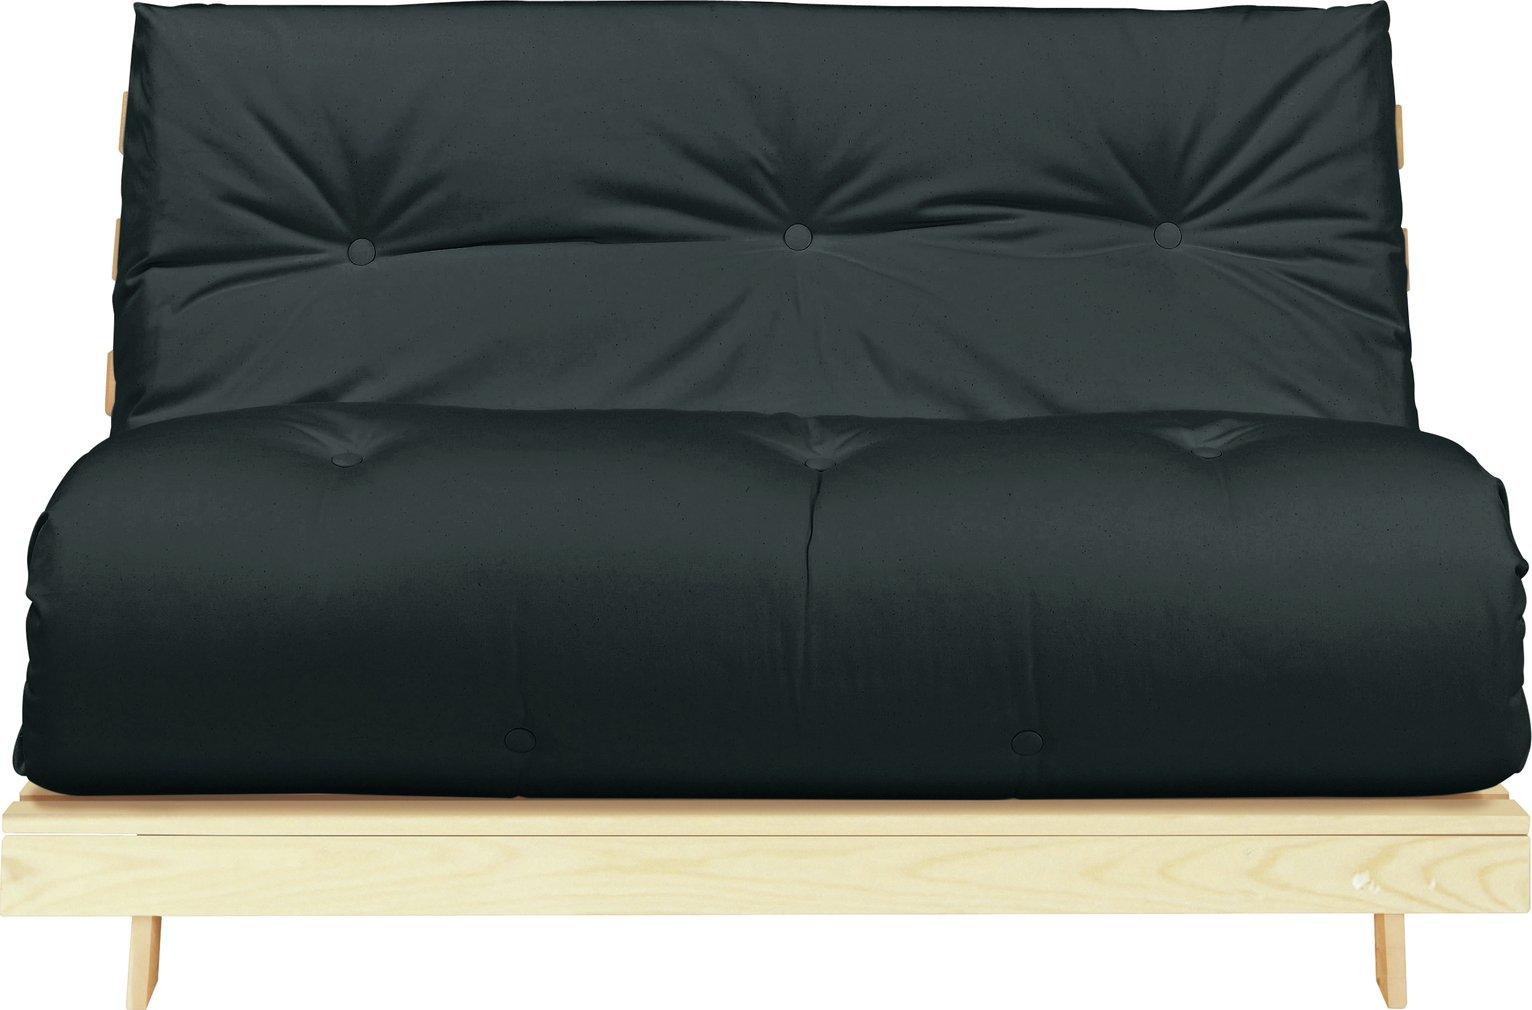 Argos Home Tosa 2 Seater Futon Sofa Bed - Black